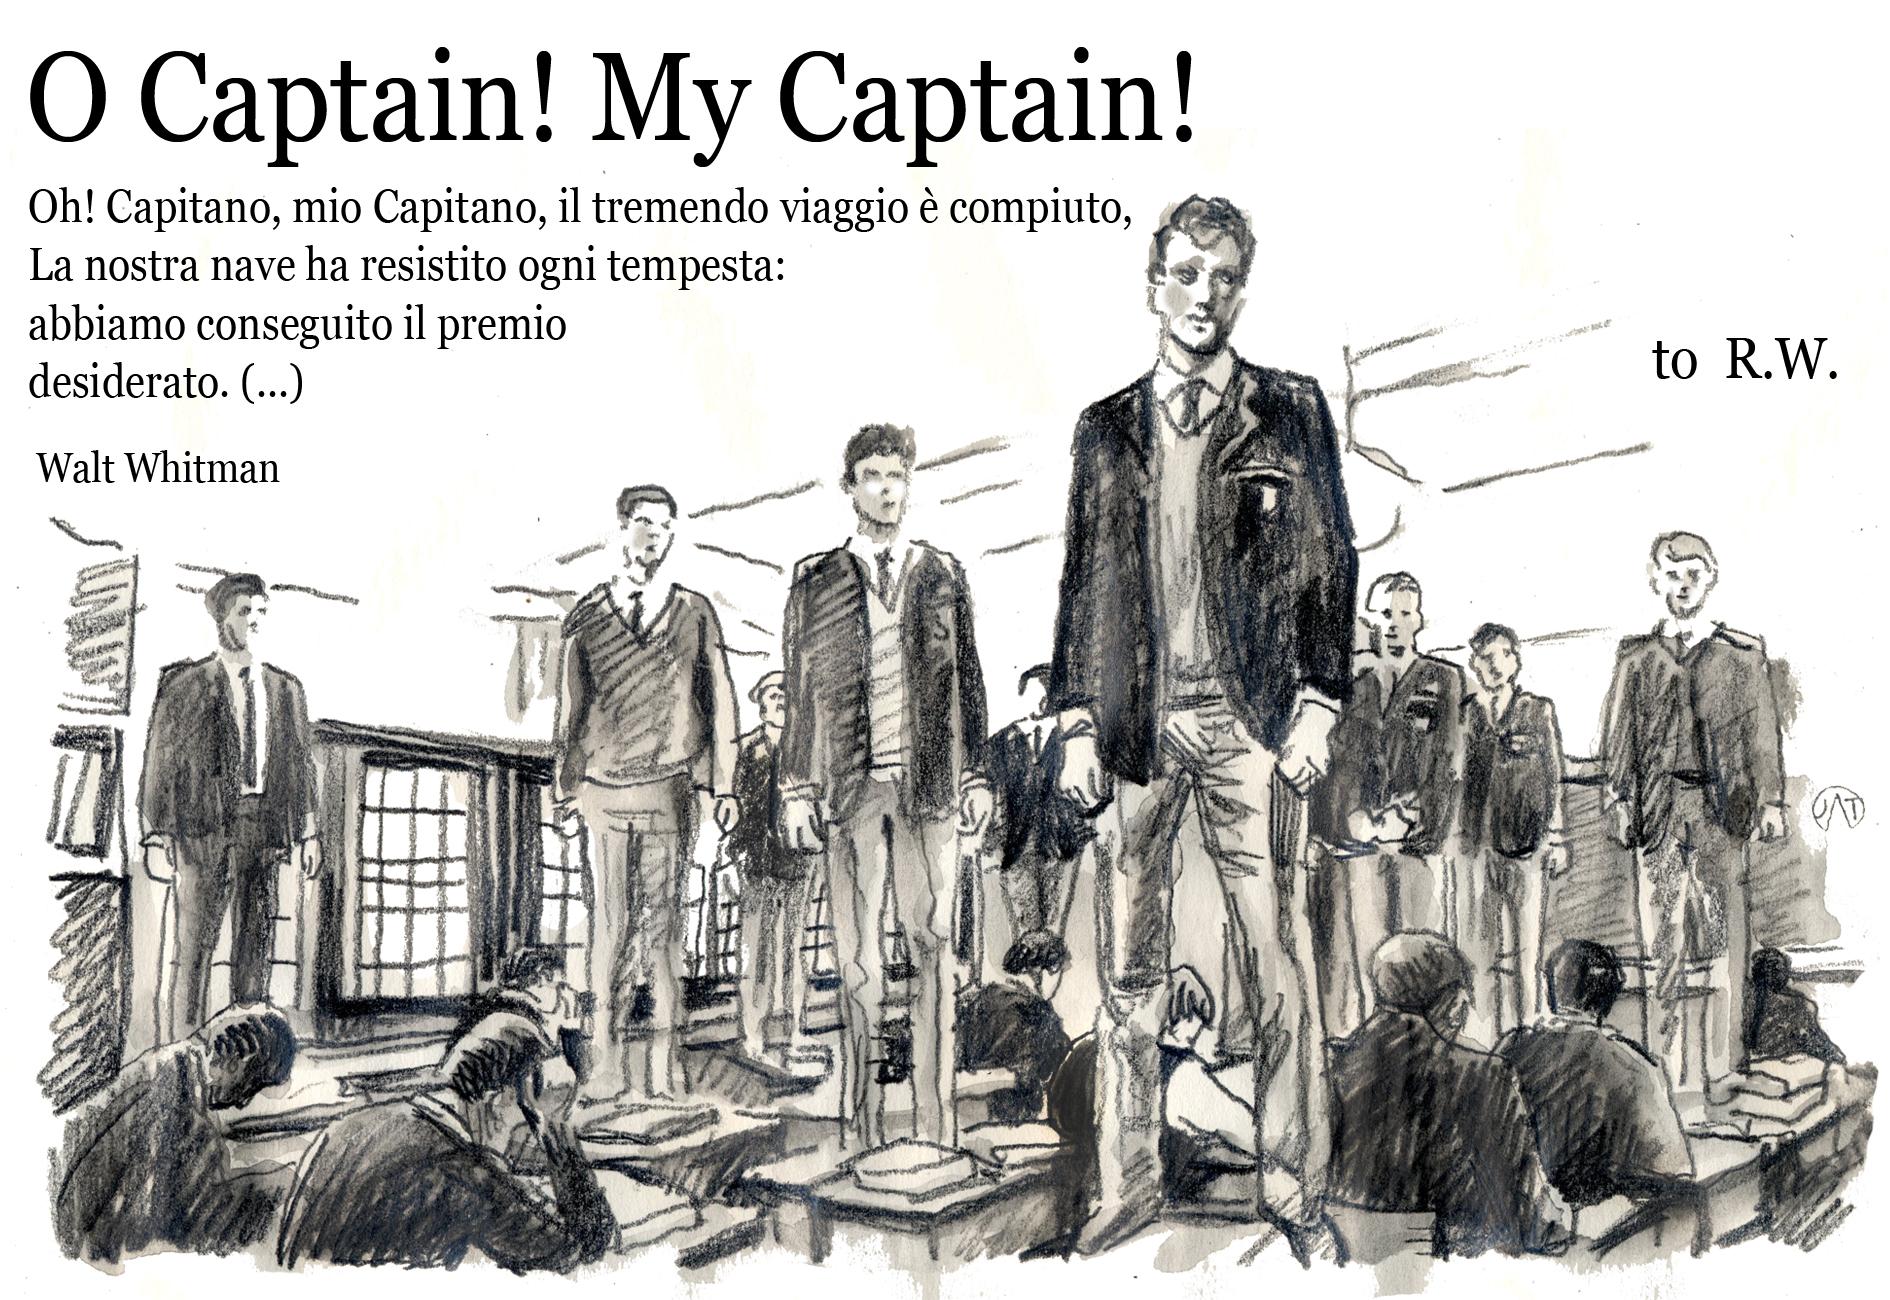 2014-08-18-OCaptain.jpg